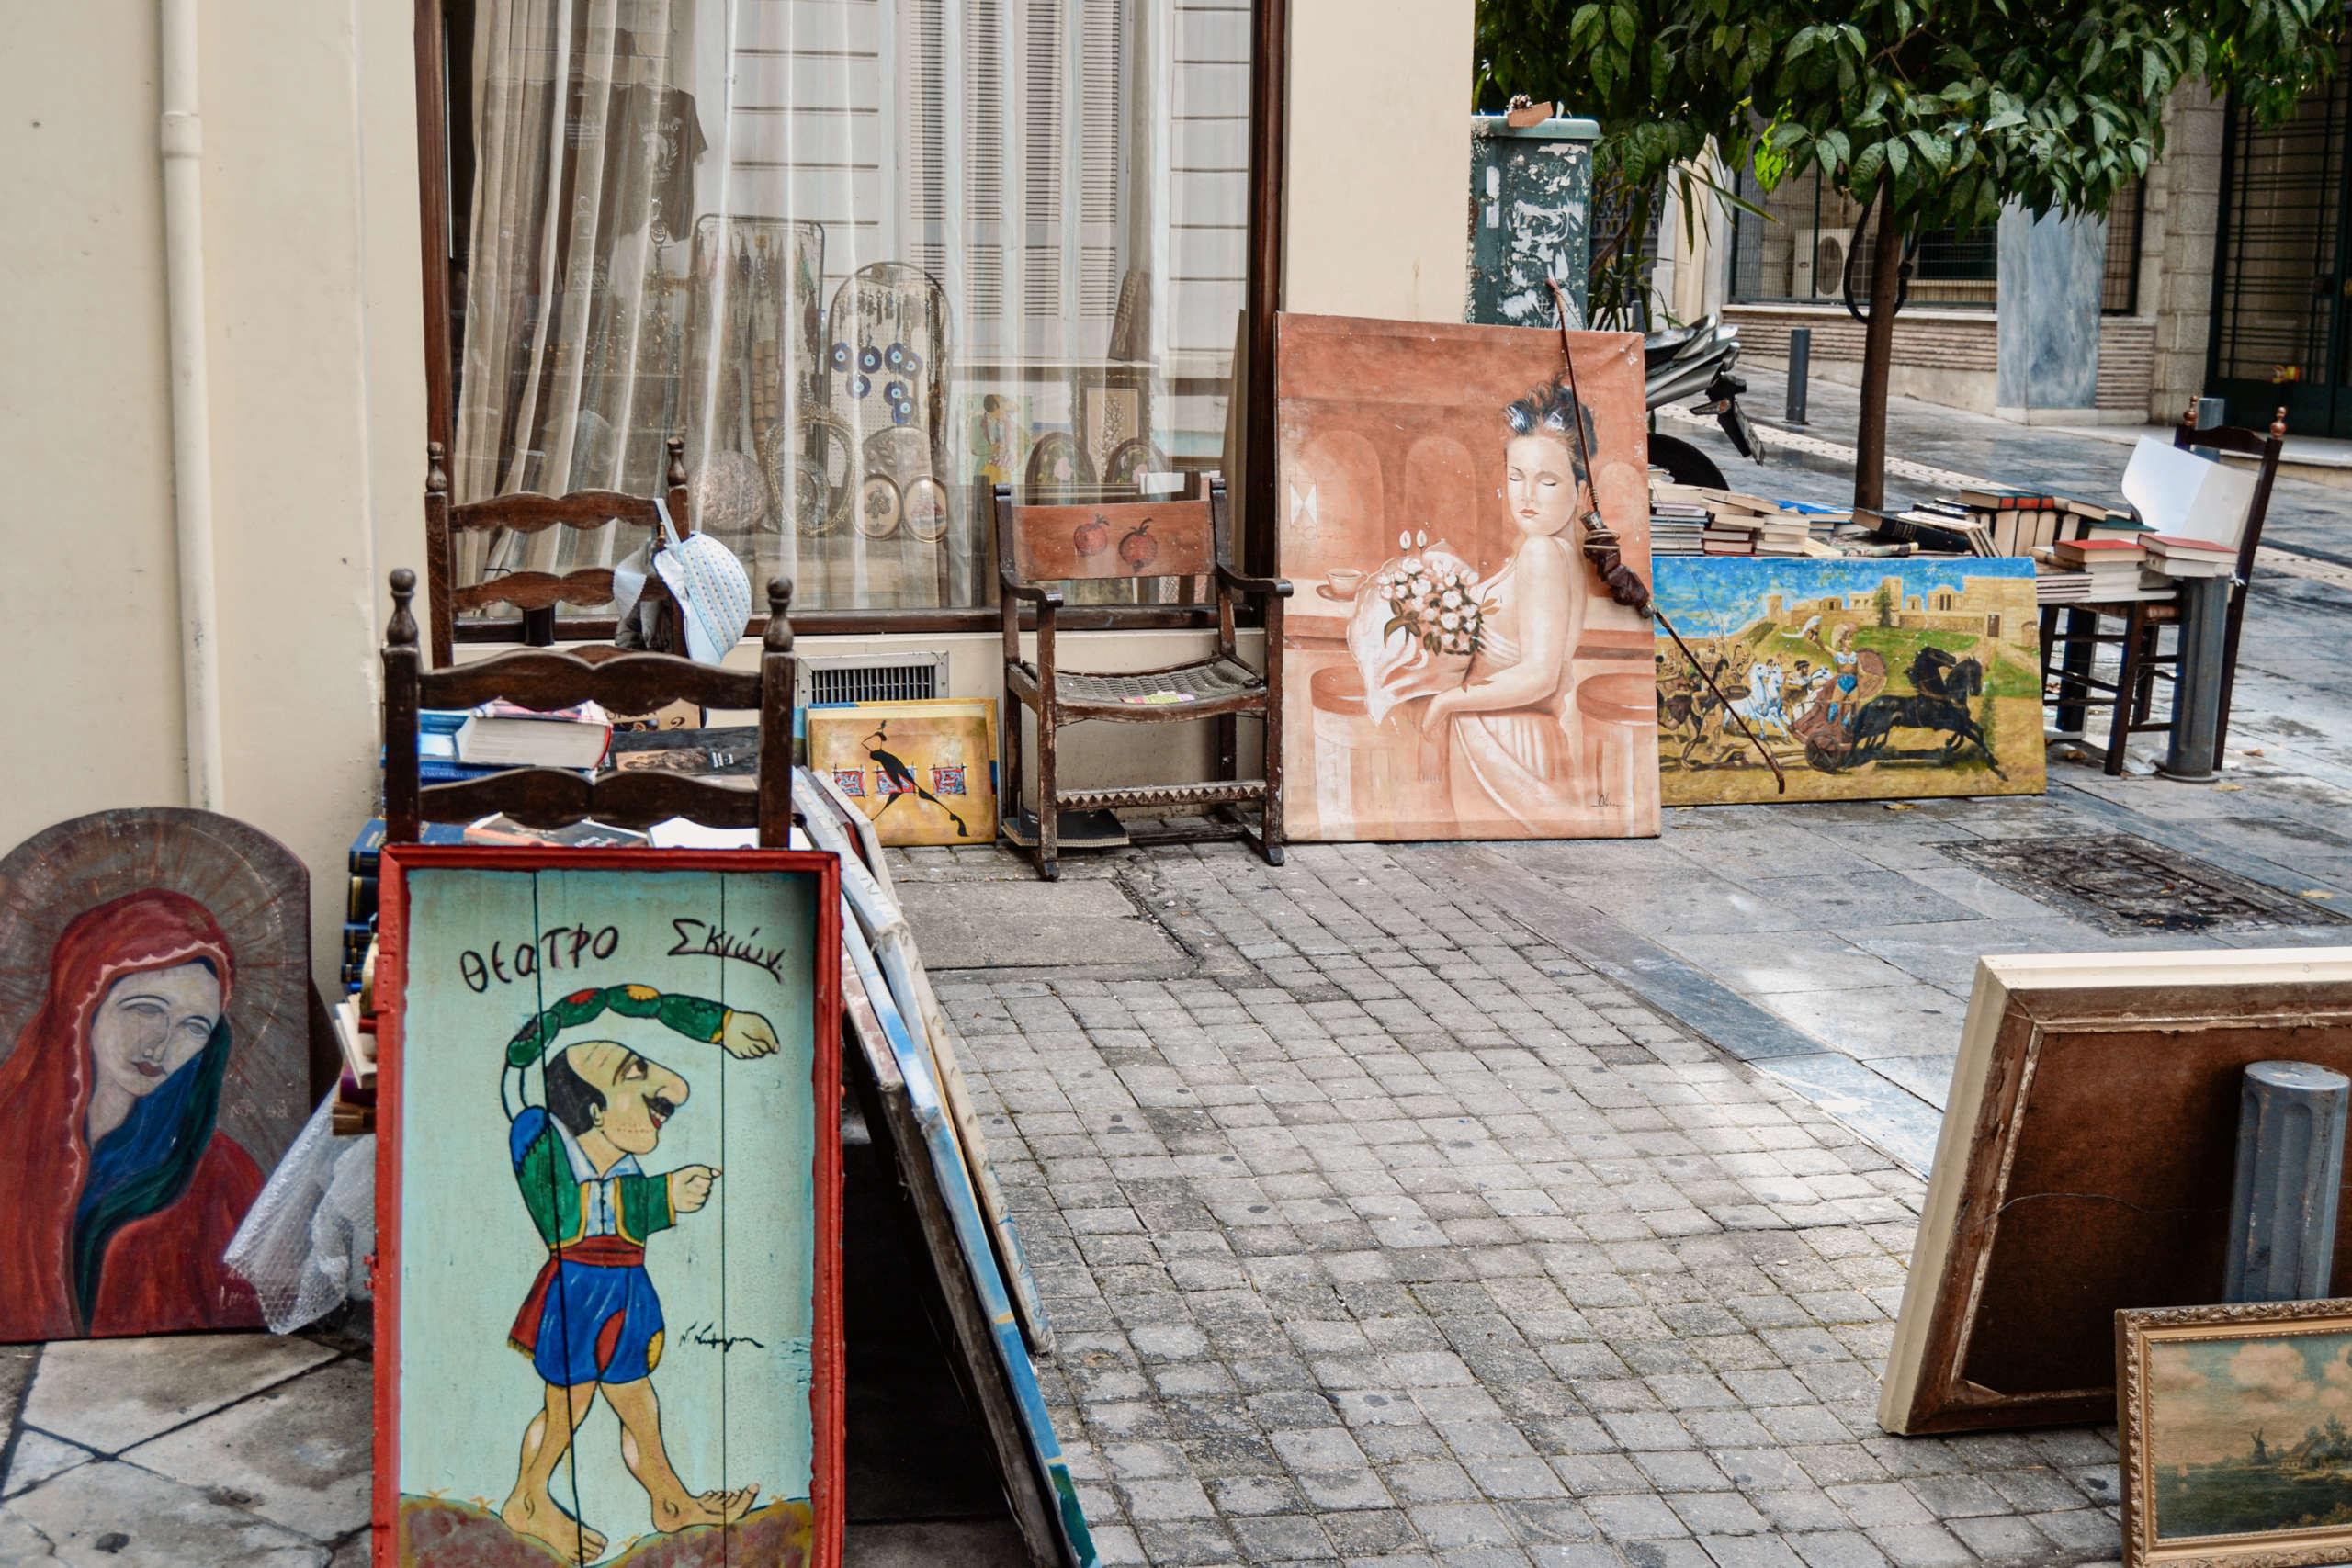 Gemälde lehnen an einer Hauswand auf einem Flohmarkt in Athen.